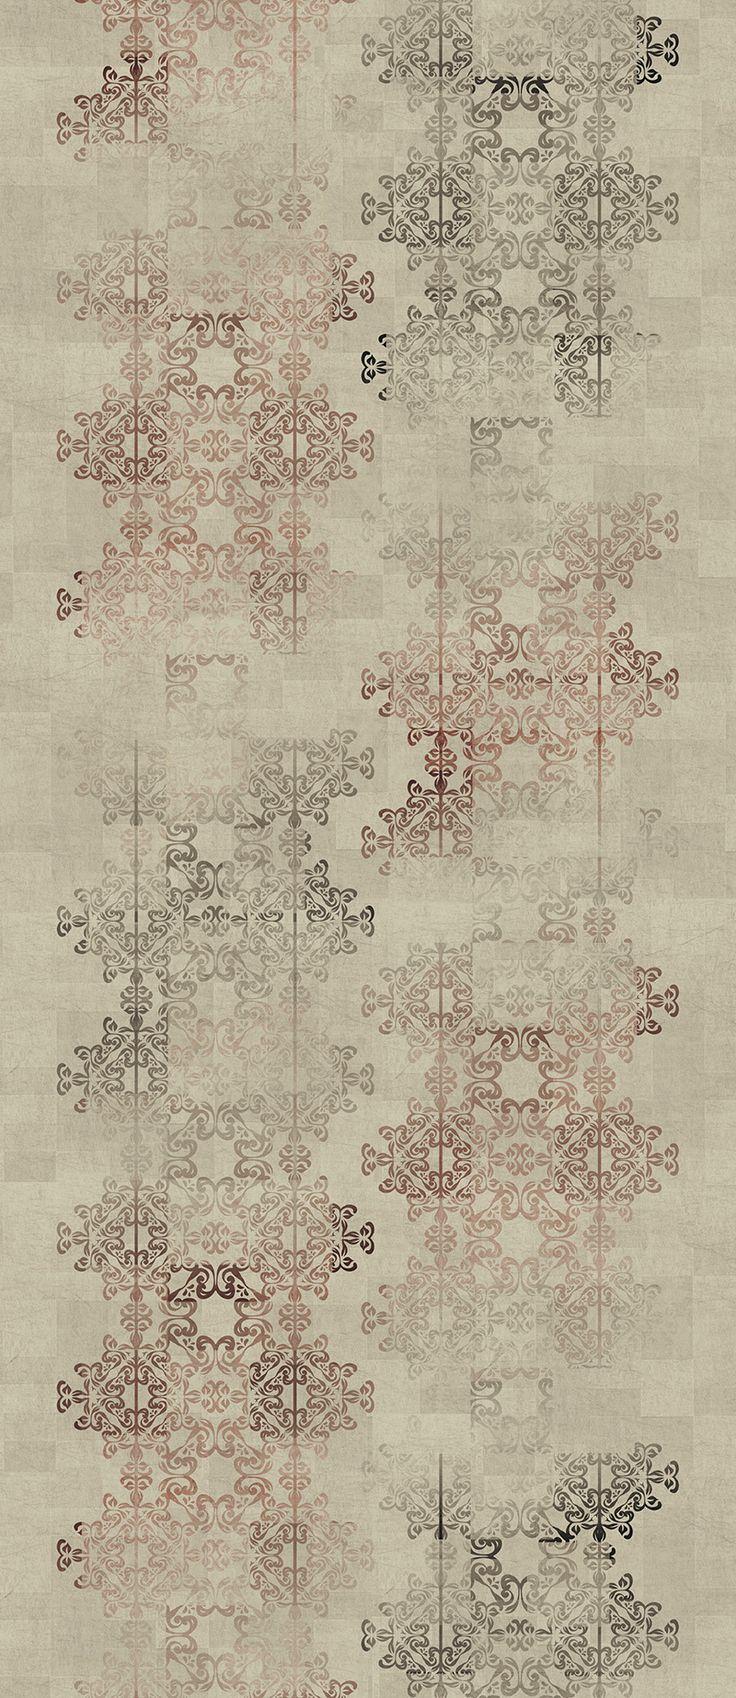 136 best carpet rugs images on pinterest carpet carpet design jv 751 zen illusion tianjincarpet designillusionsmarbletilescarpets baanklon Choice Image